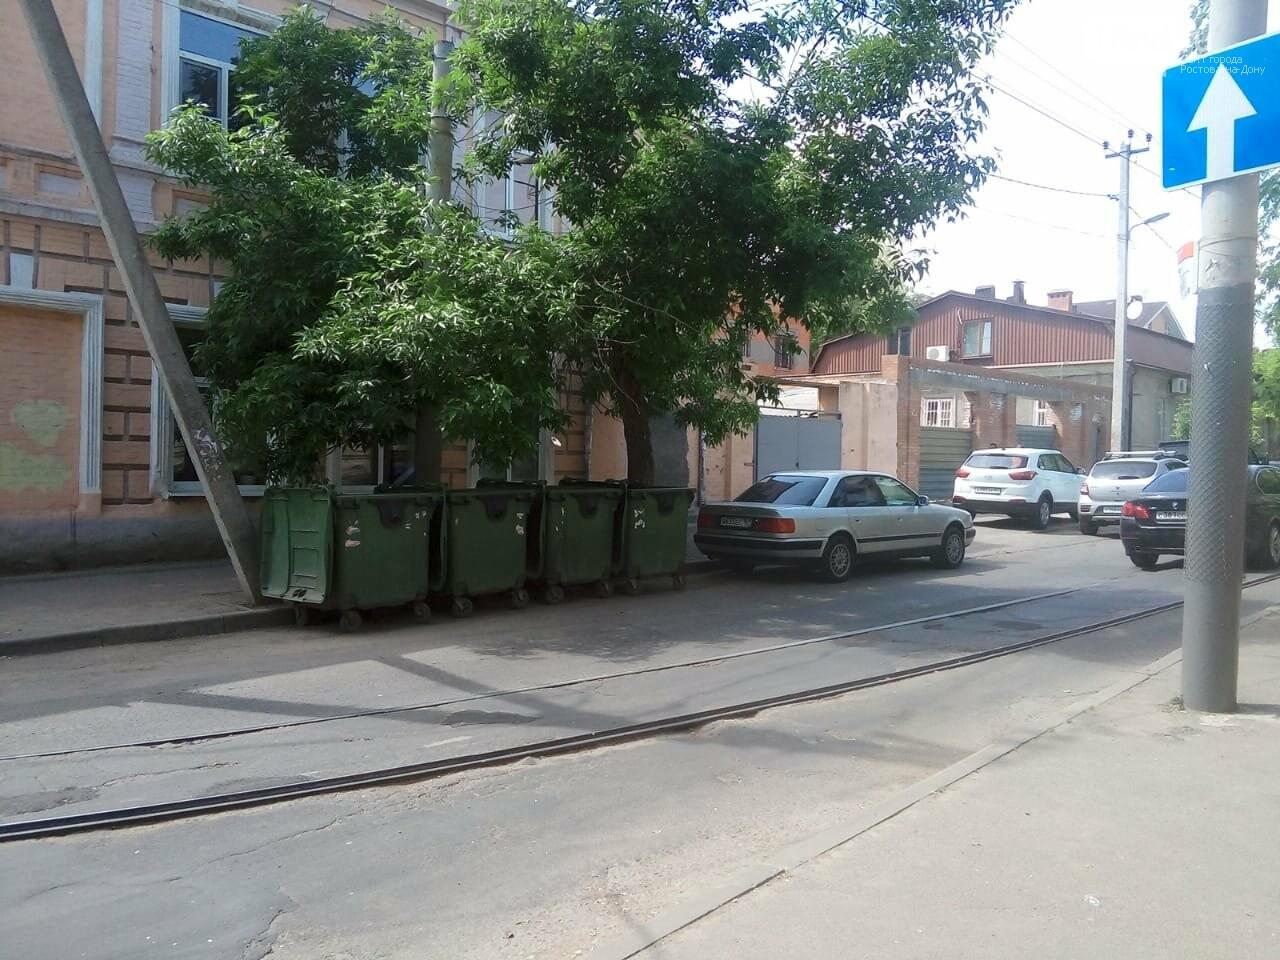 Нахичевань на замке: часть Ростова оказалась в осаде из-за визита Медведева, фото-2